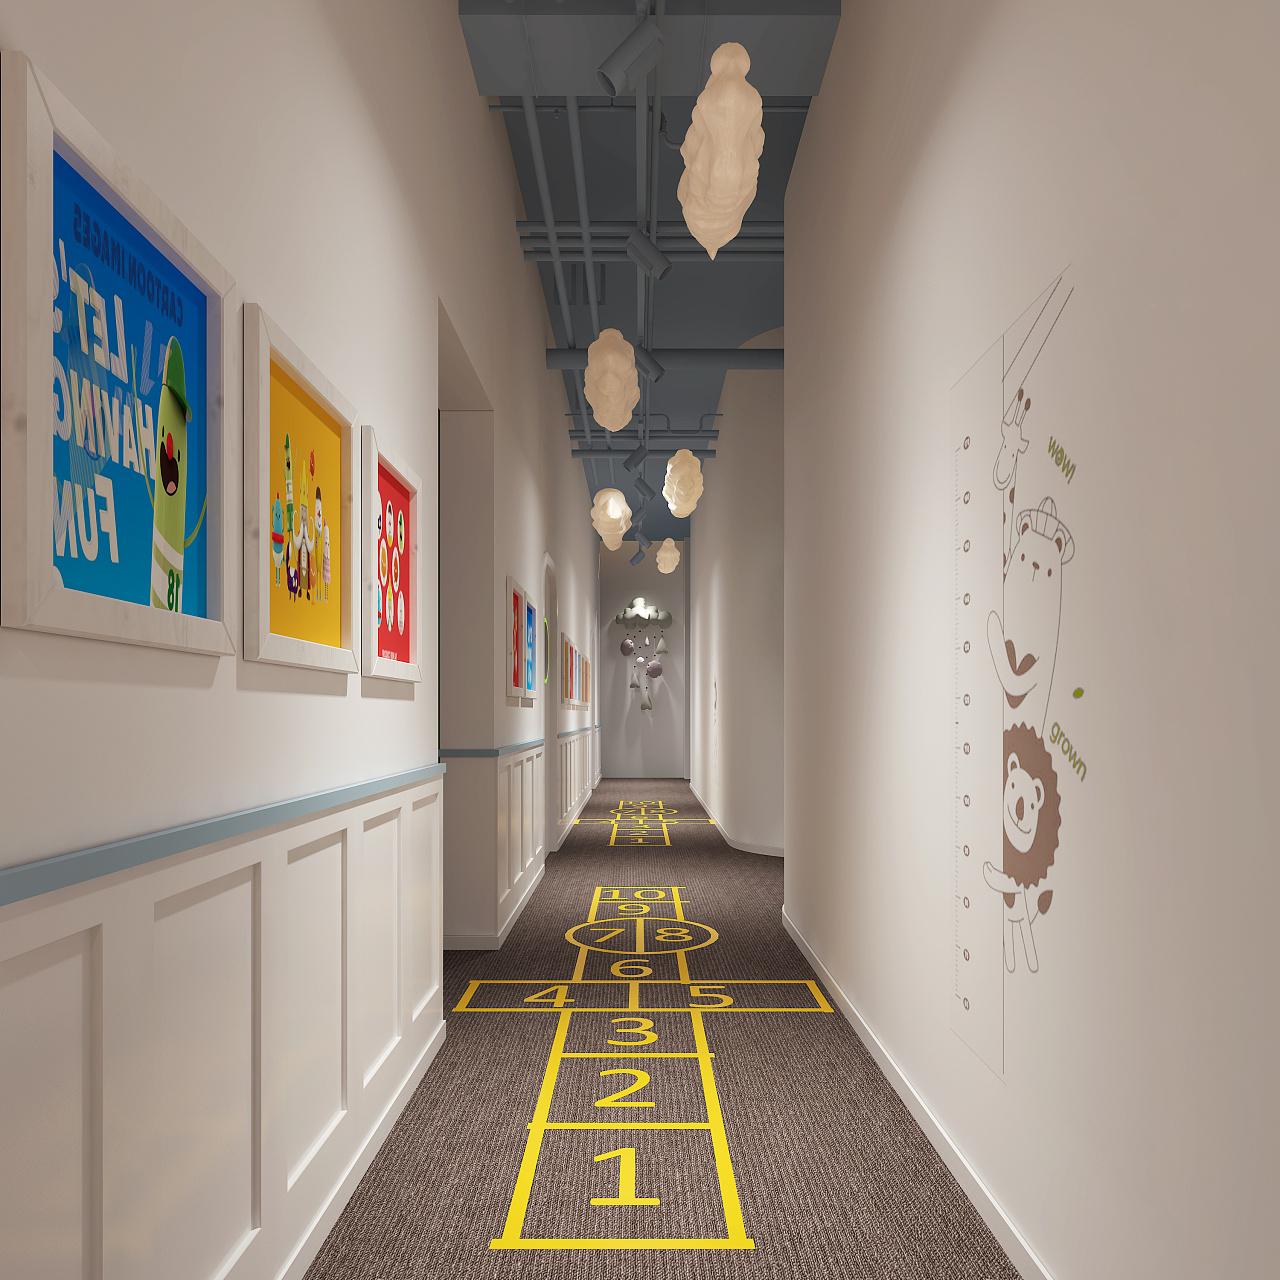 幼儿园教室_室内空间设计拉萨室内装修设计图片